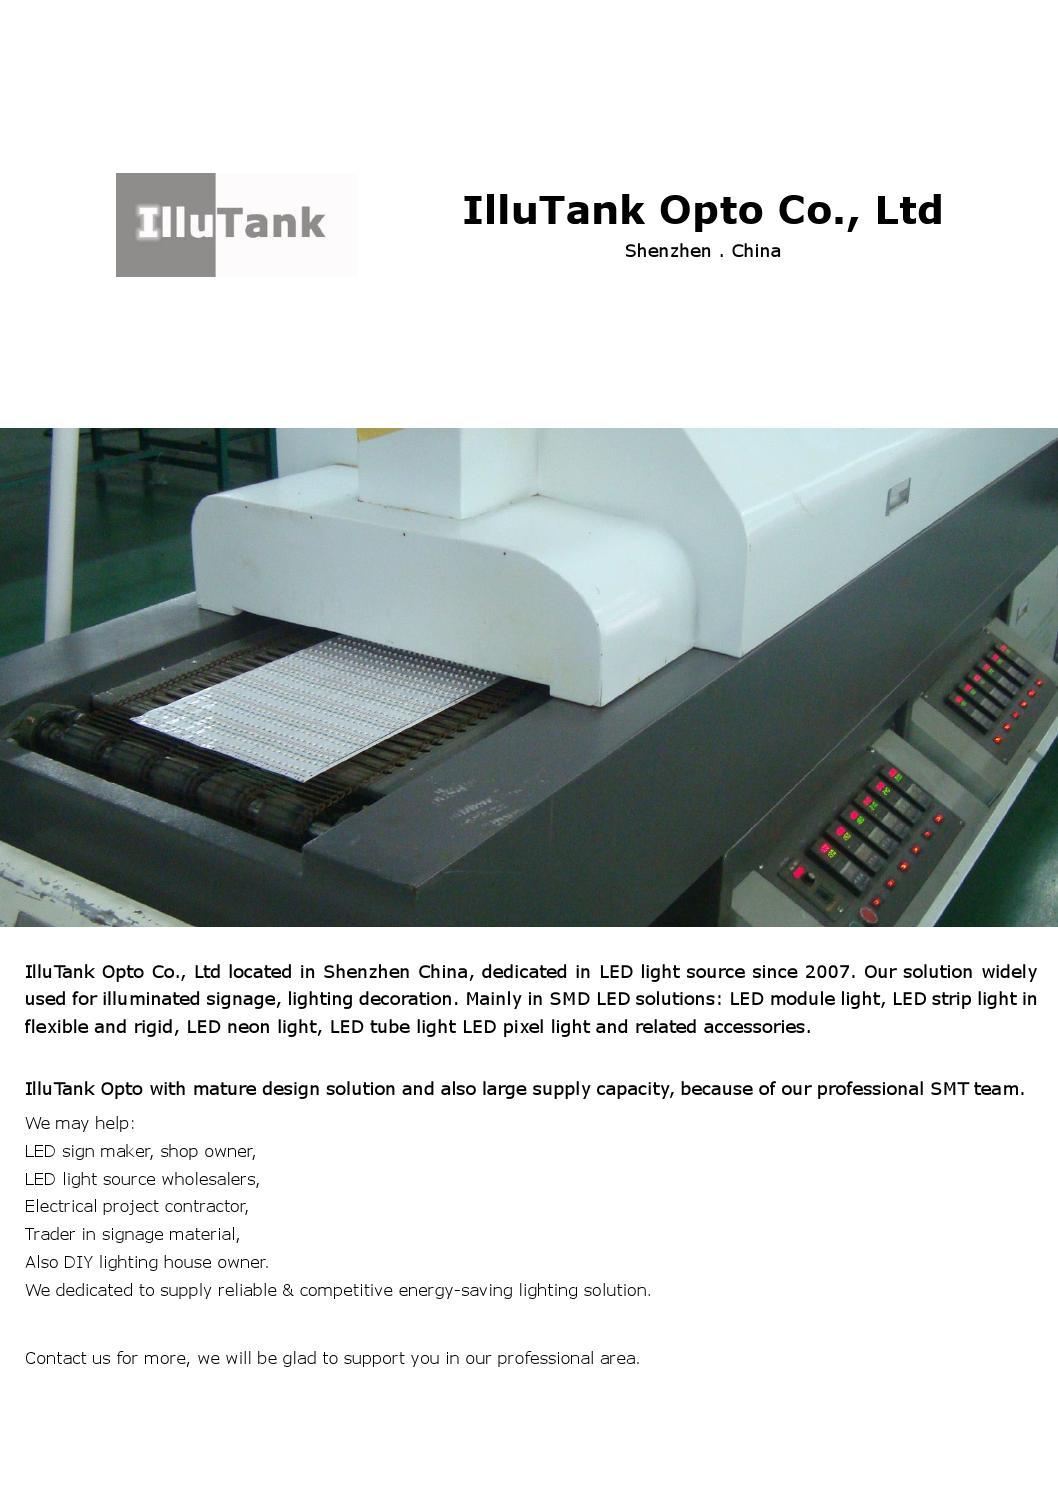 Illutank Opto Brochure Led Light Solution By Illutank Opto